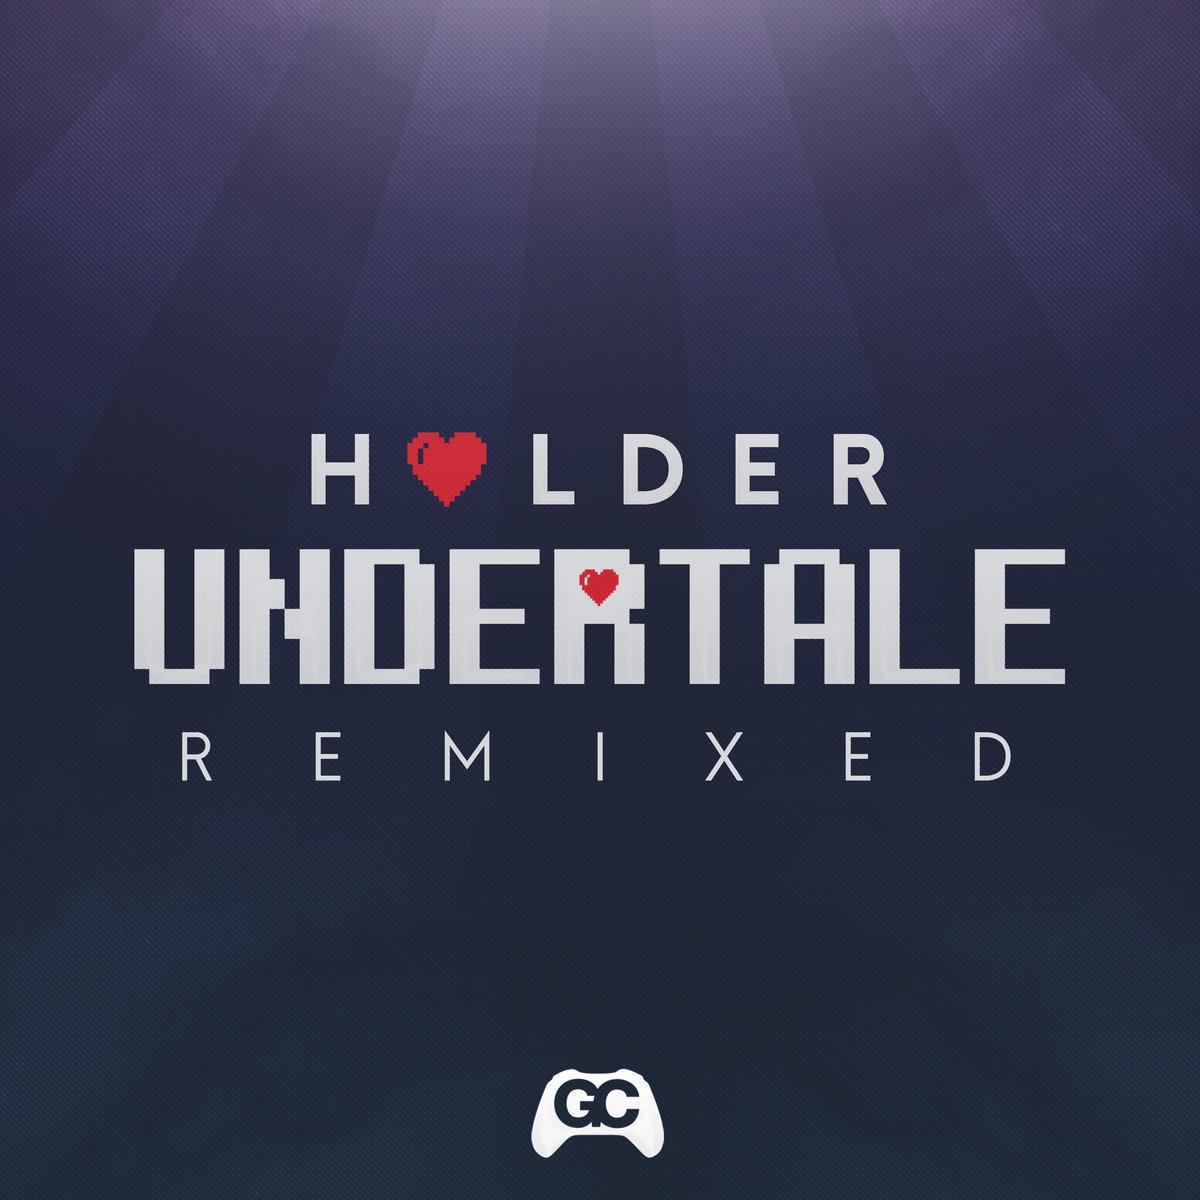 Undertale Remixed Holder Gamechops